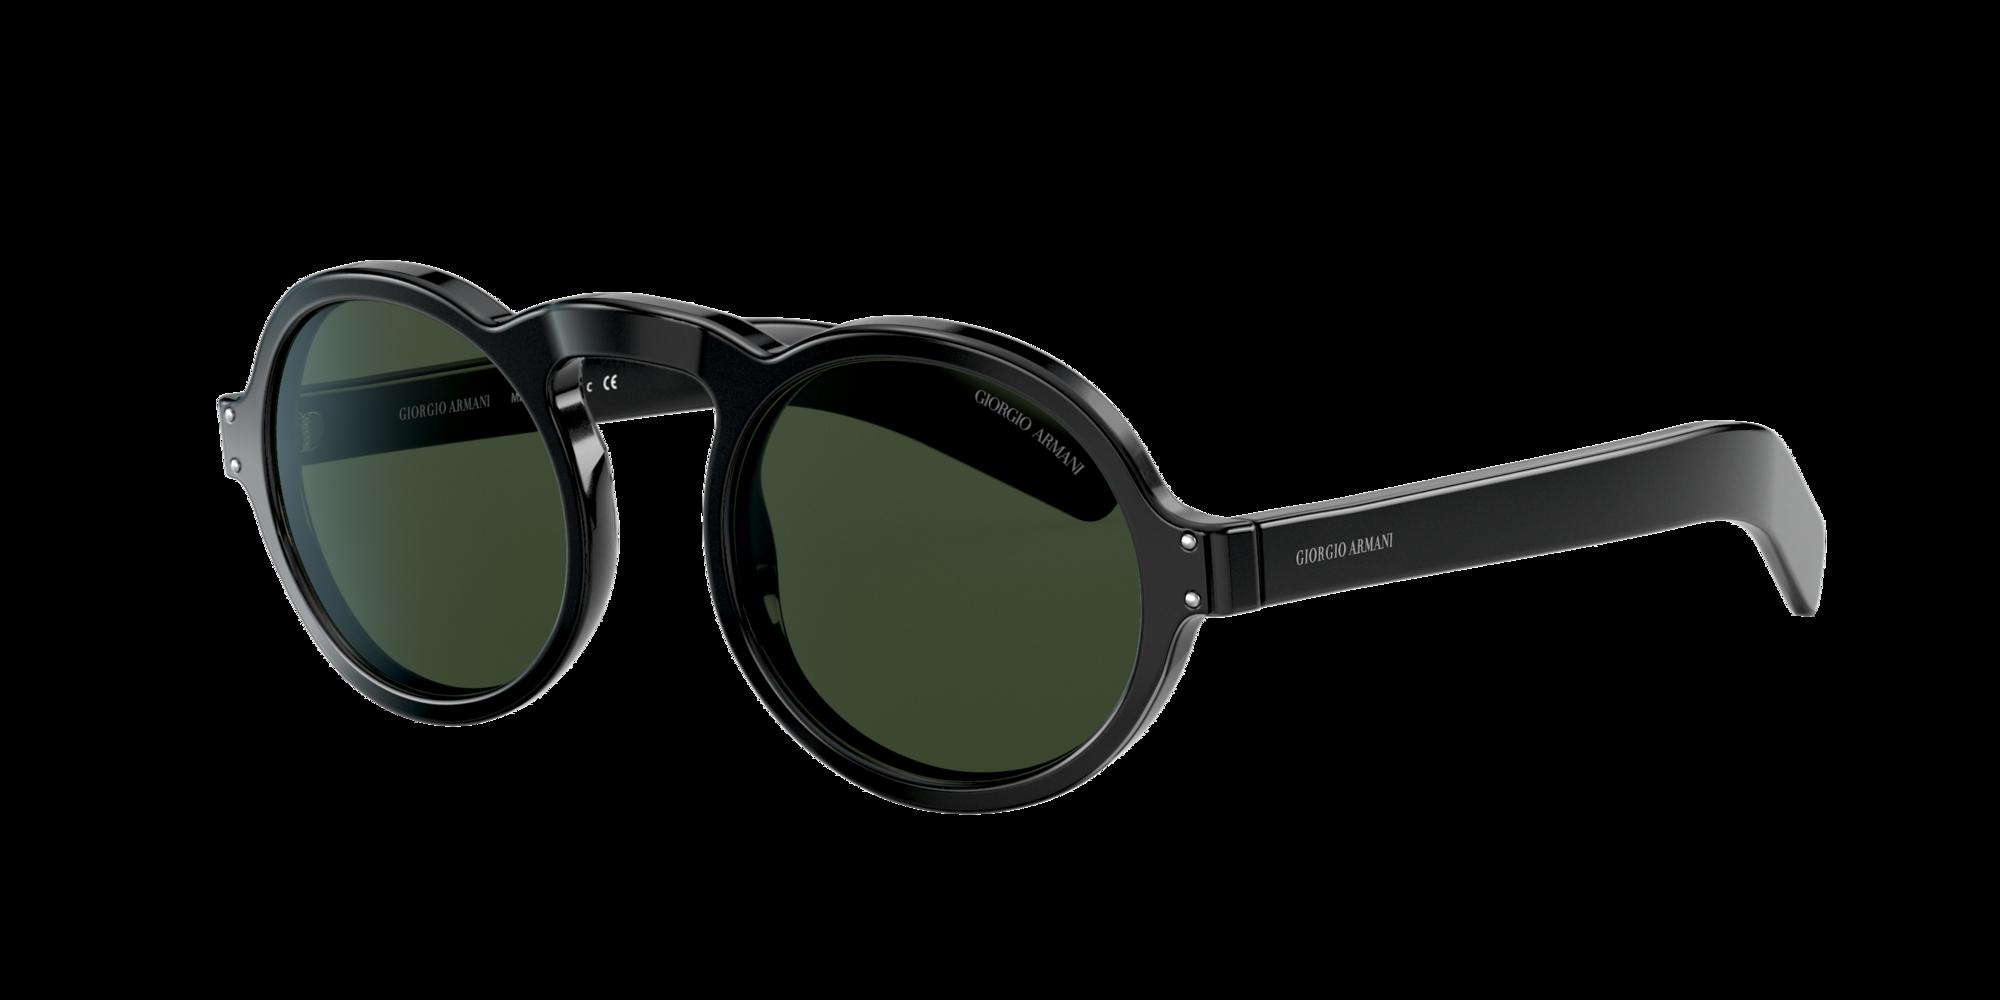 Giorgio Armani Man  AR 803M -  Frame color  Black, Lens color  Green